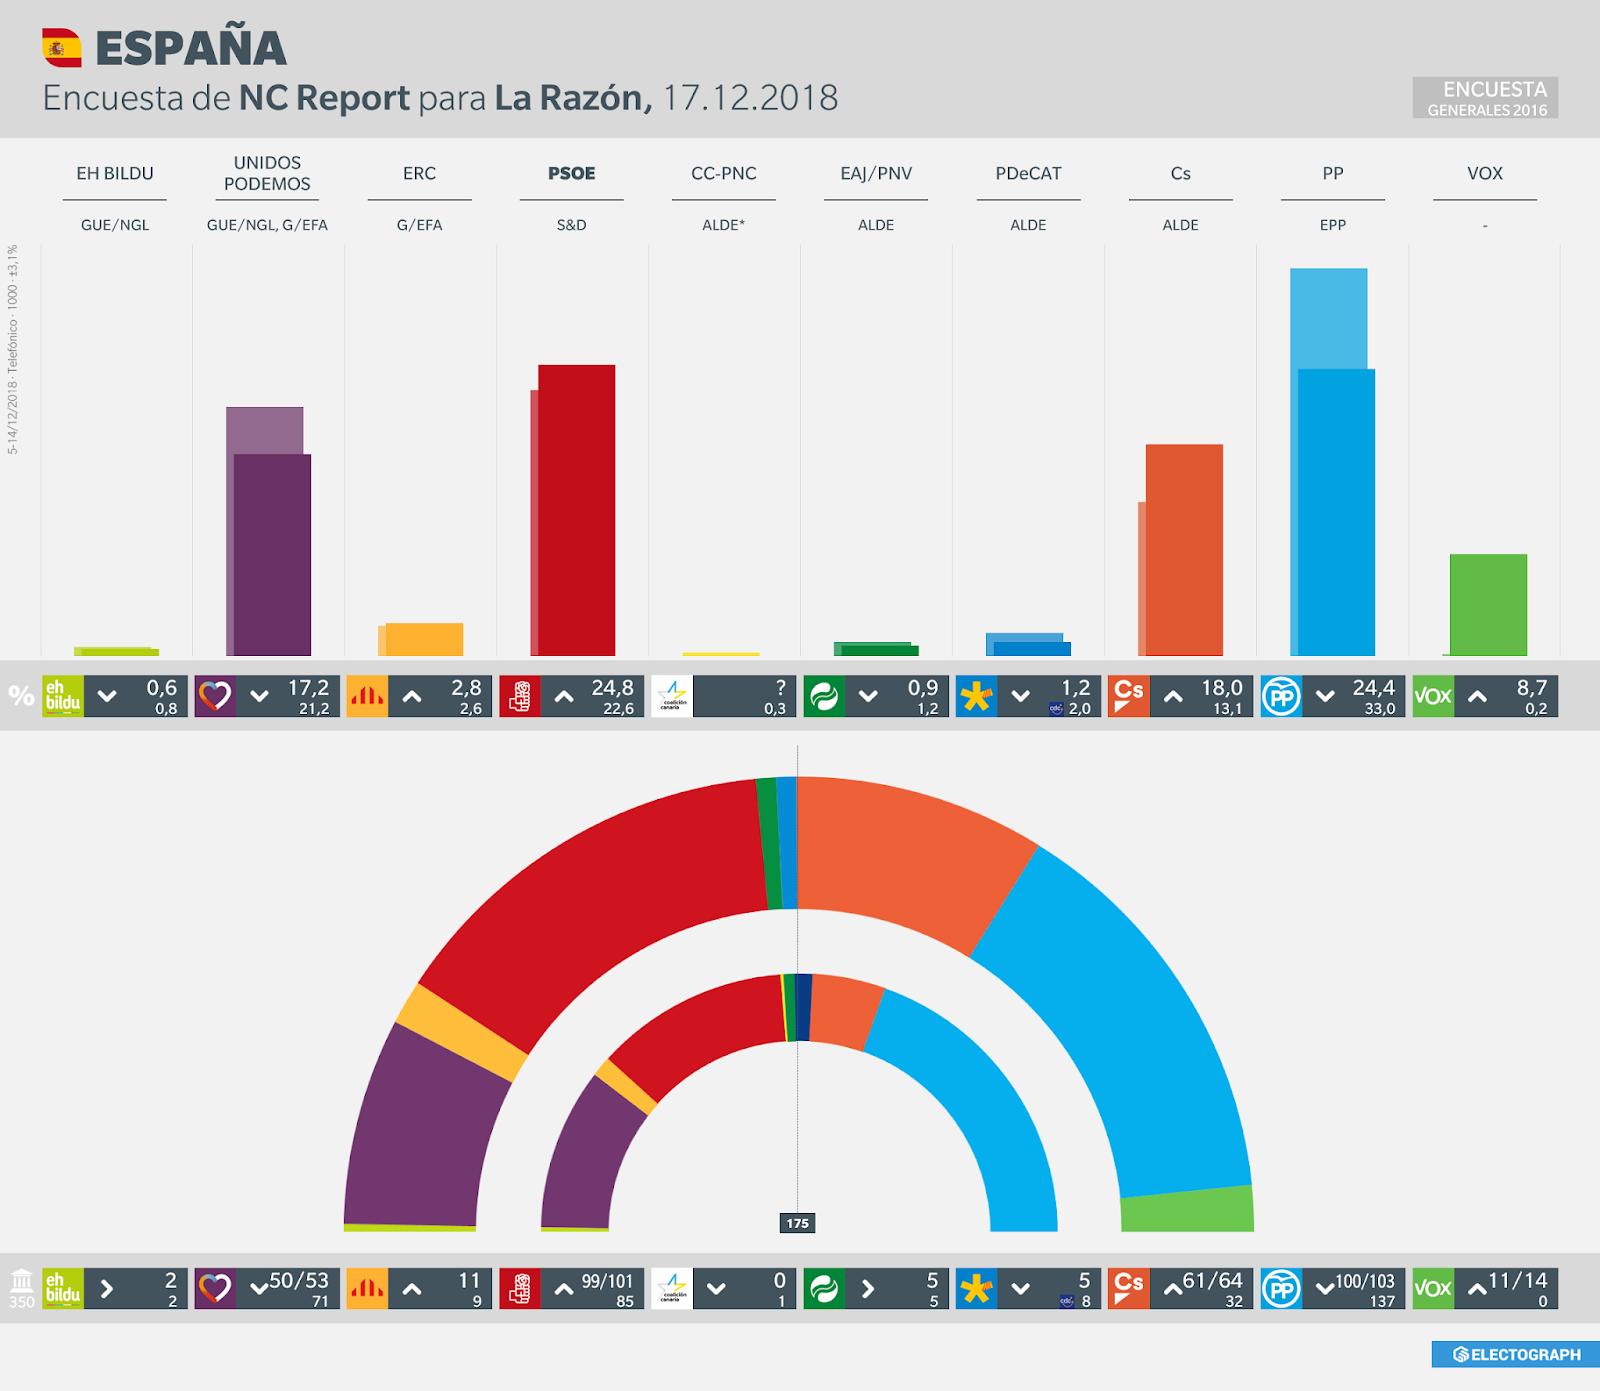 Gráfico de la encuesta para elecciones generales en España realizada por NC Report para La Razón, 17 de diciembre de 2018